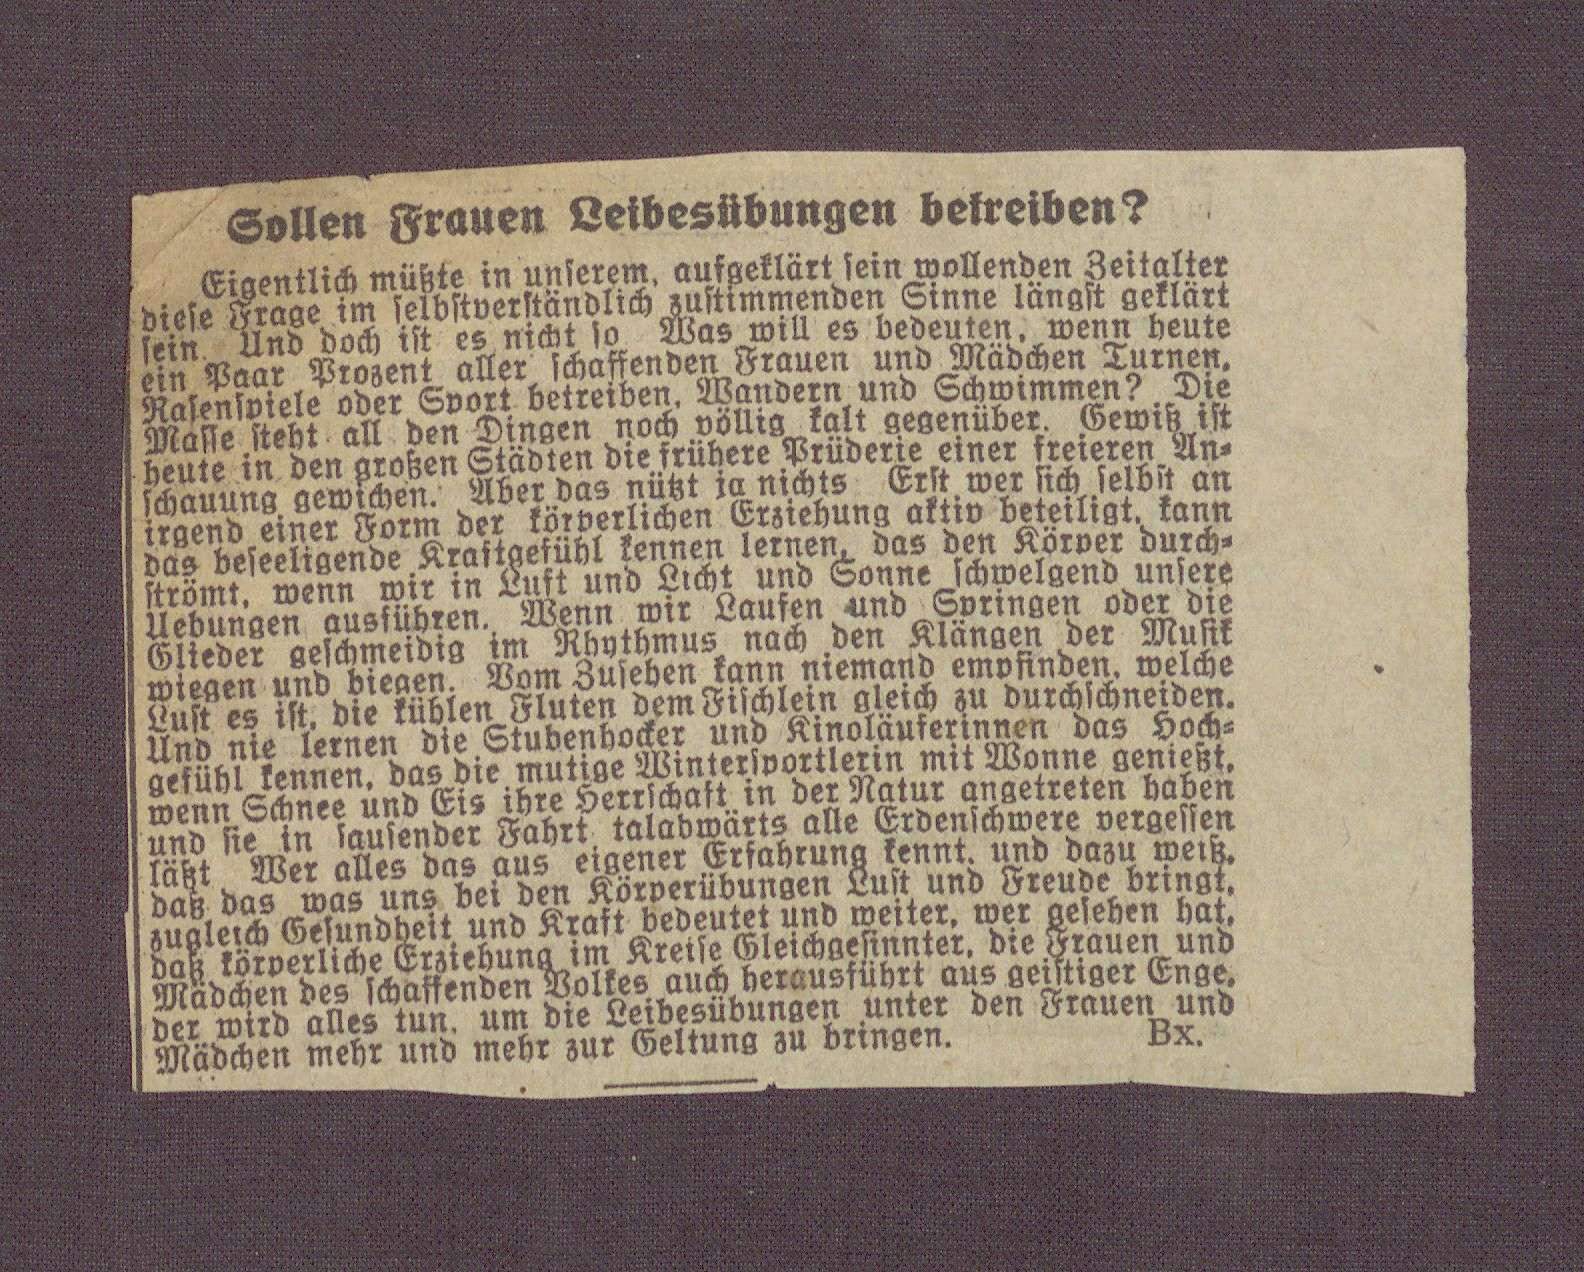 """""""Sollen Frauen Leibesübungen betreiben?"""" (unbestimmbare sächsische sozialdemokratische Zeitung), Bild 1"""